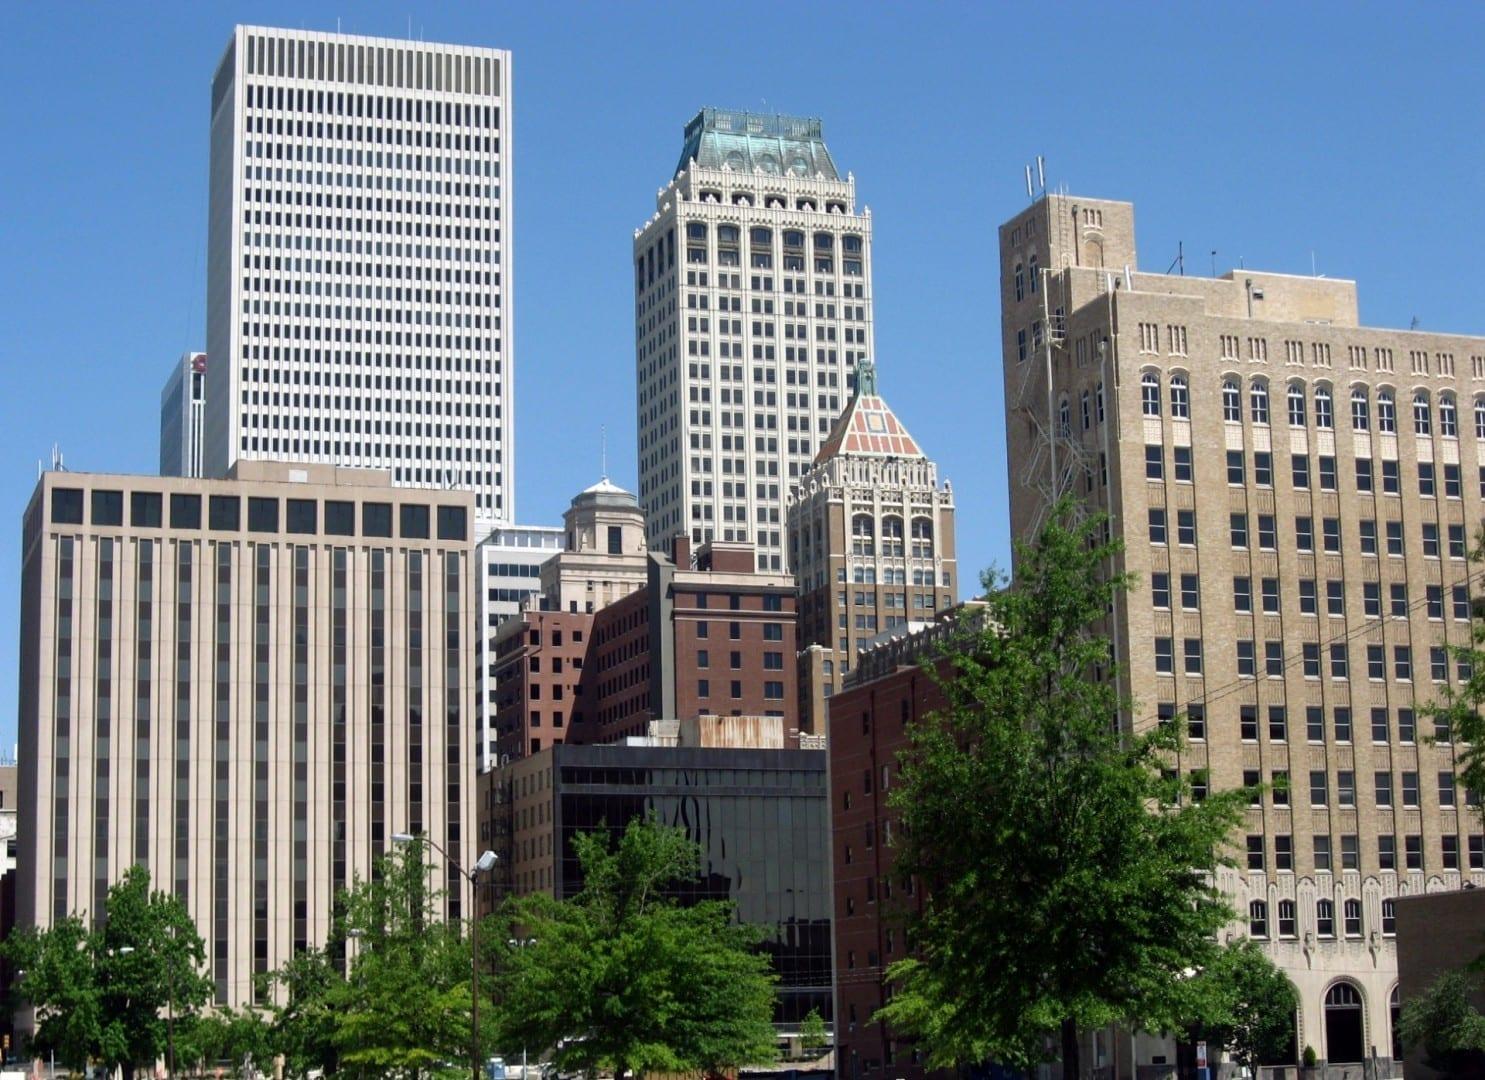 Centro de Tulsa Tulsa OK Estados Unidos